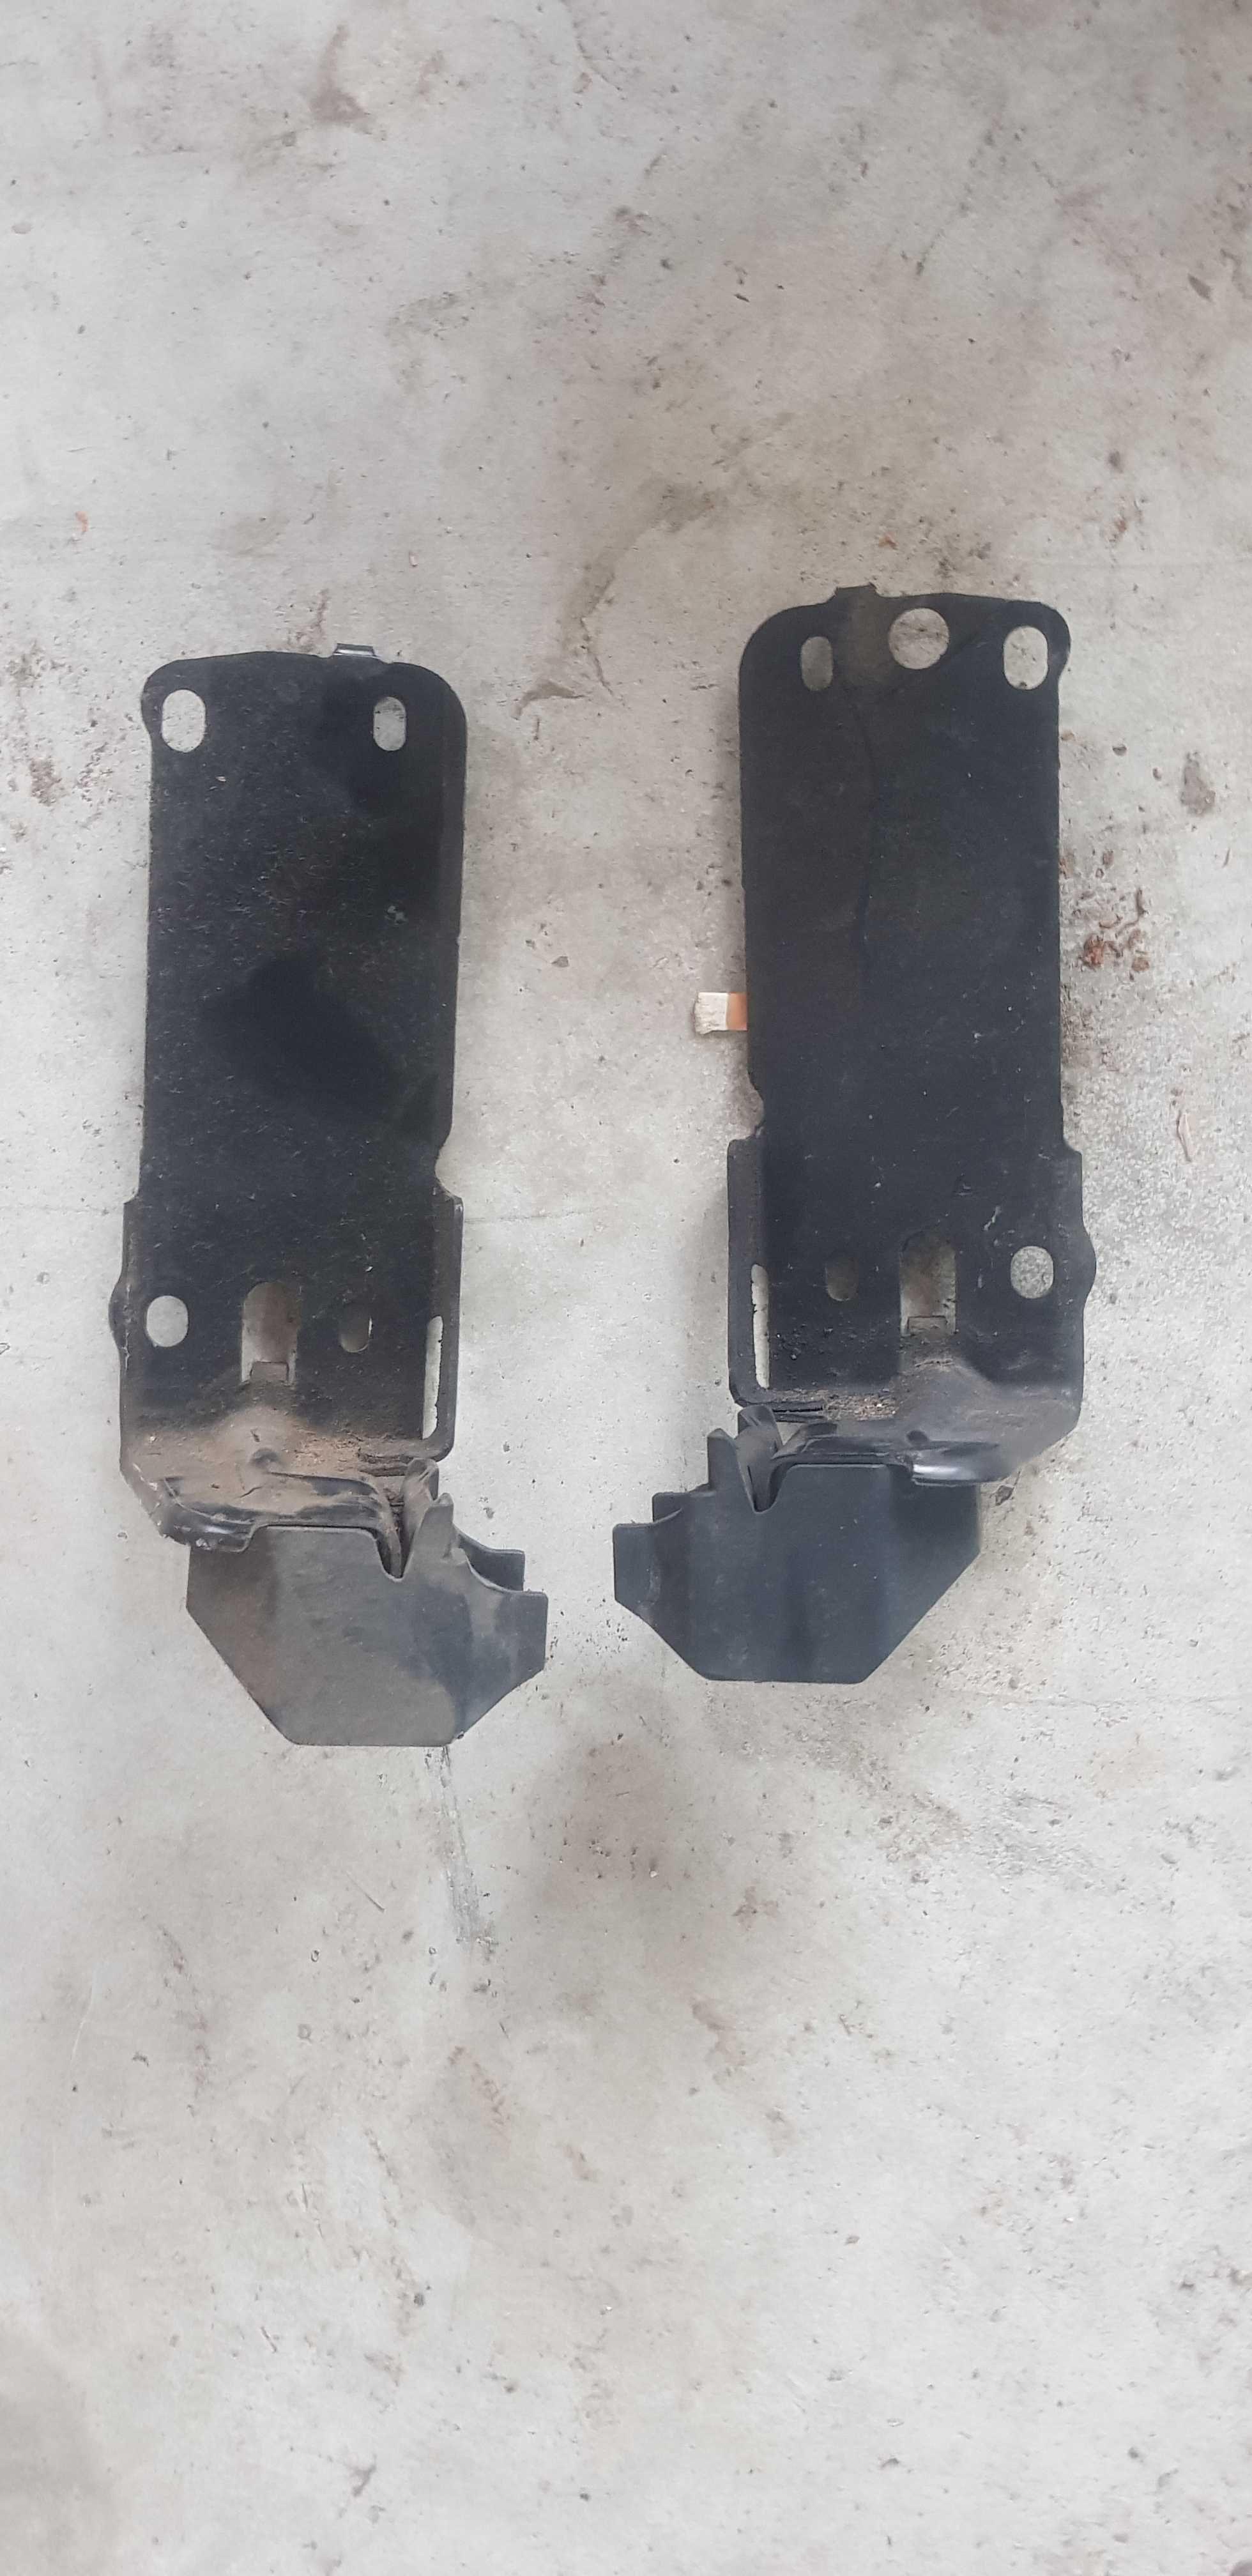 Планки/държачи за радиатора/-/БМВ/BMW/-/е90/е91/-156кс.-N46N